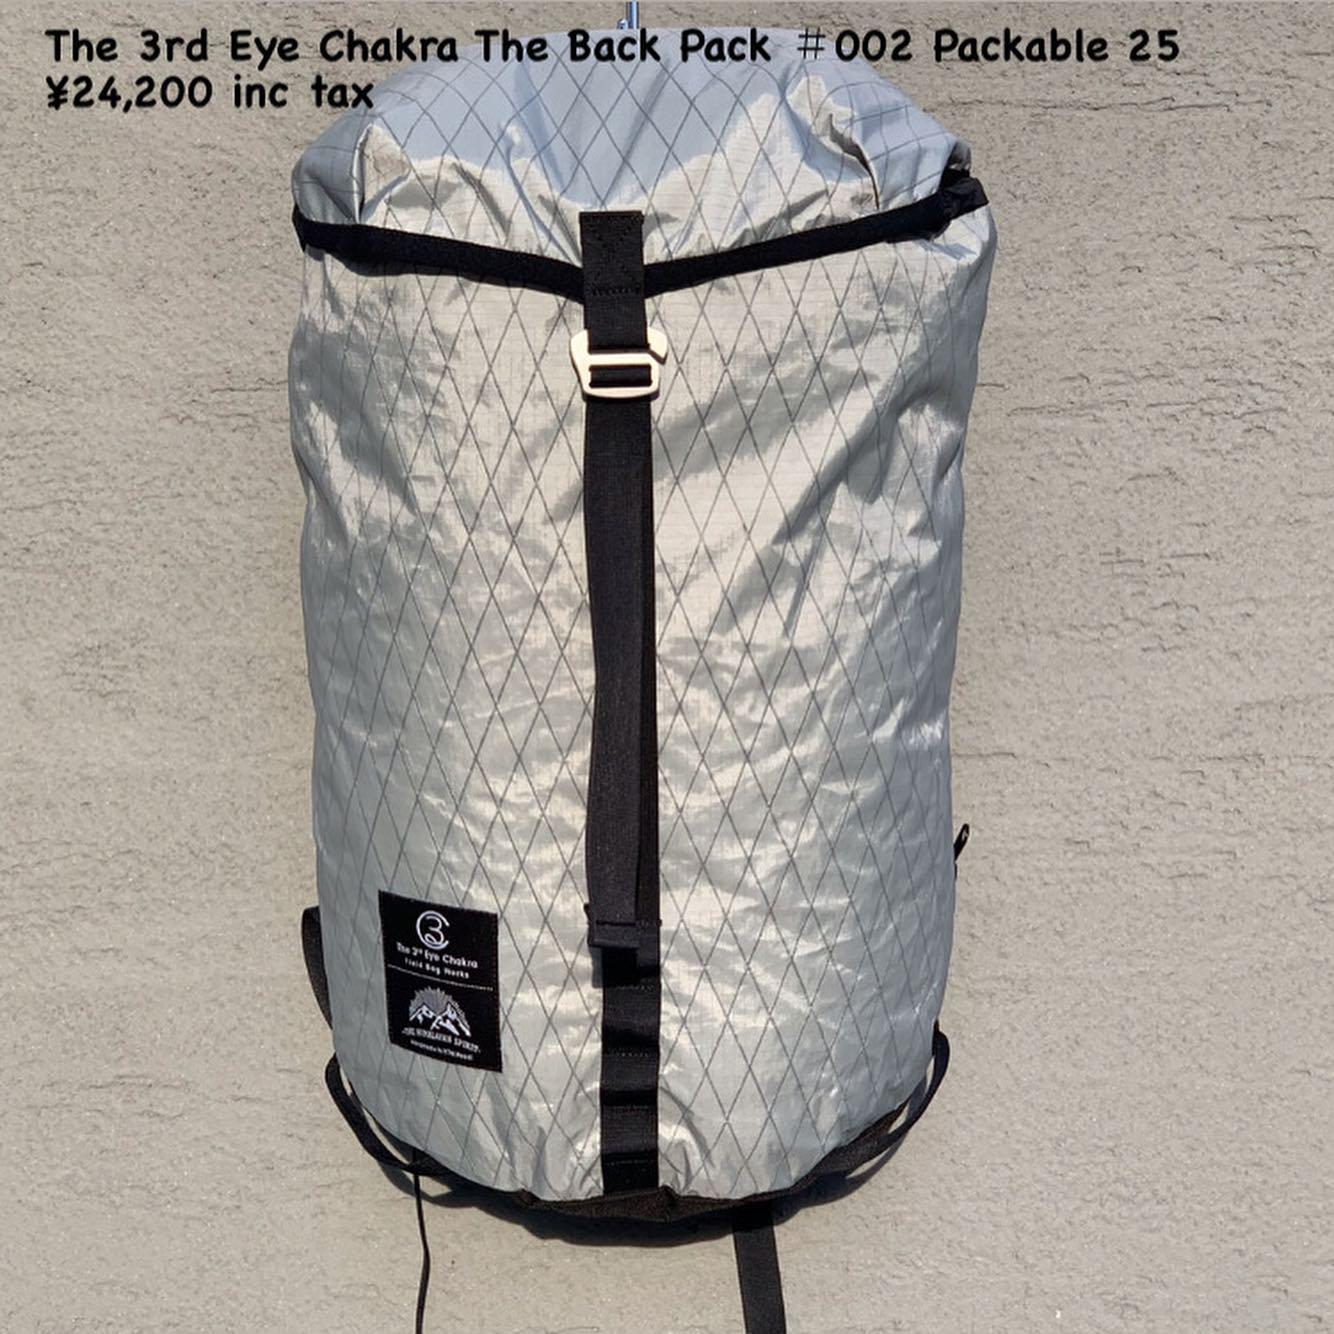 軽量性と強度を高次元で実現した『The Back Pack #002 Packable 25L』のご紹介